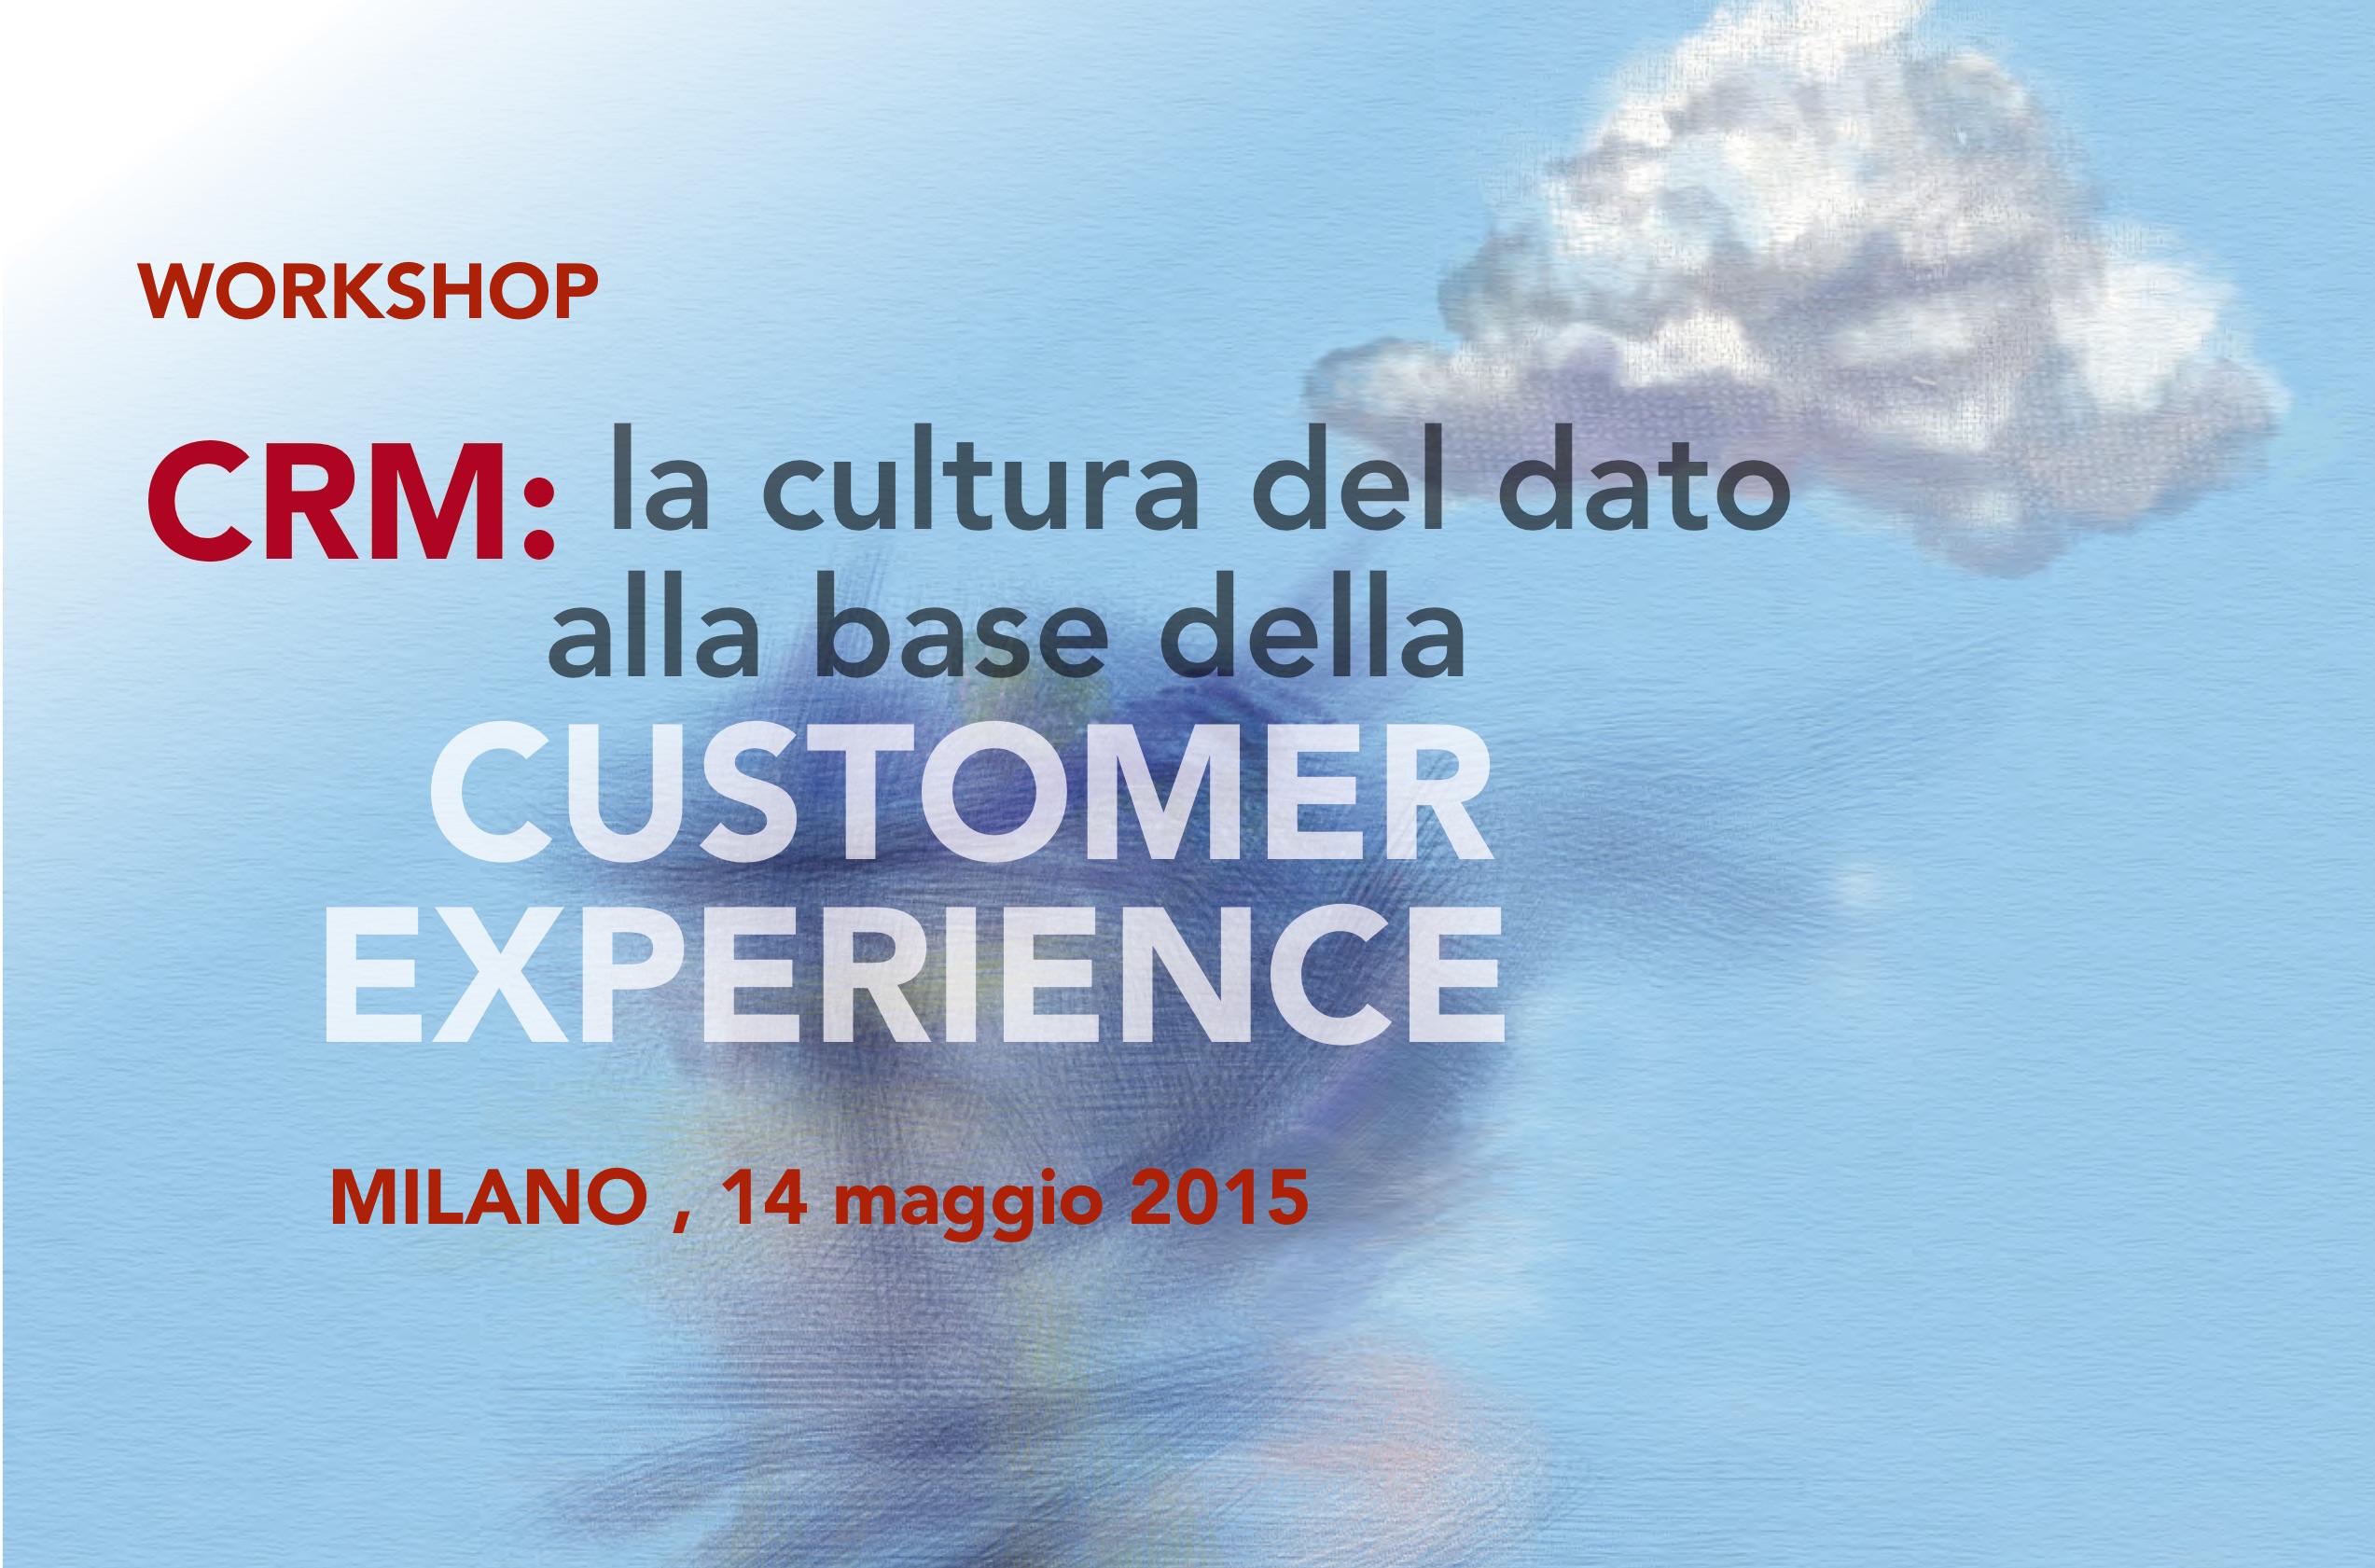 Workshop CRM: la cultura del dato alla base della Customer Experience